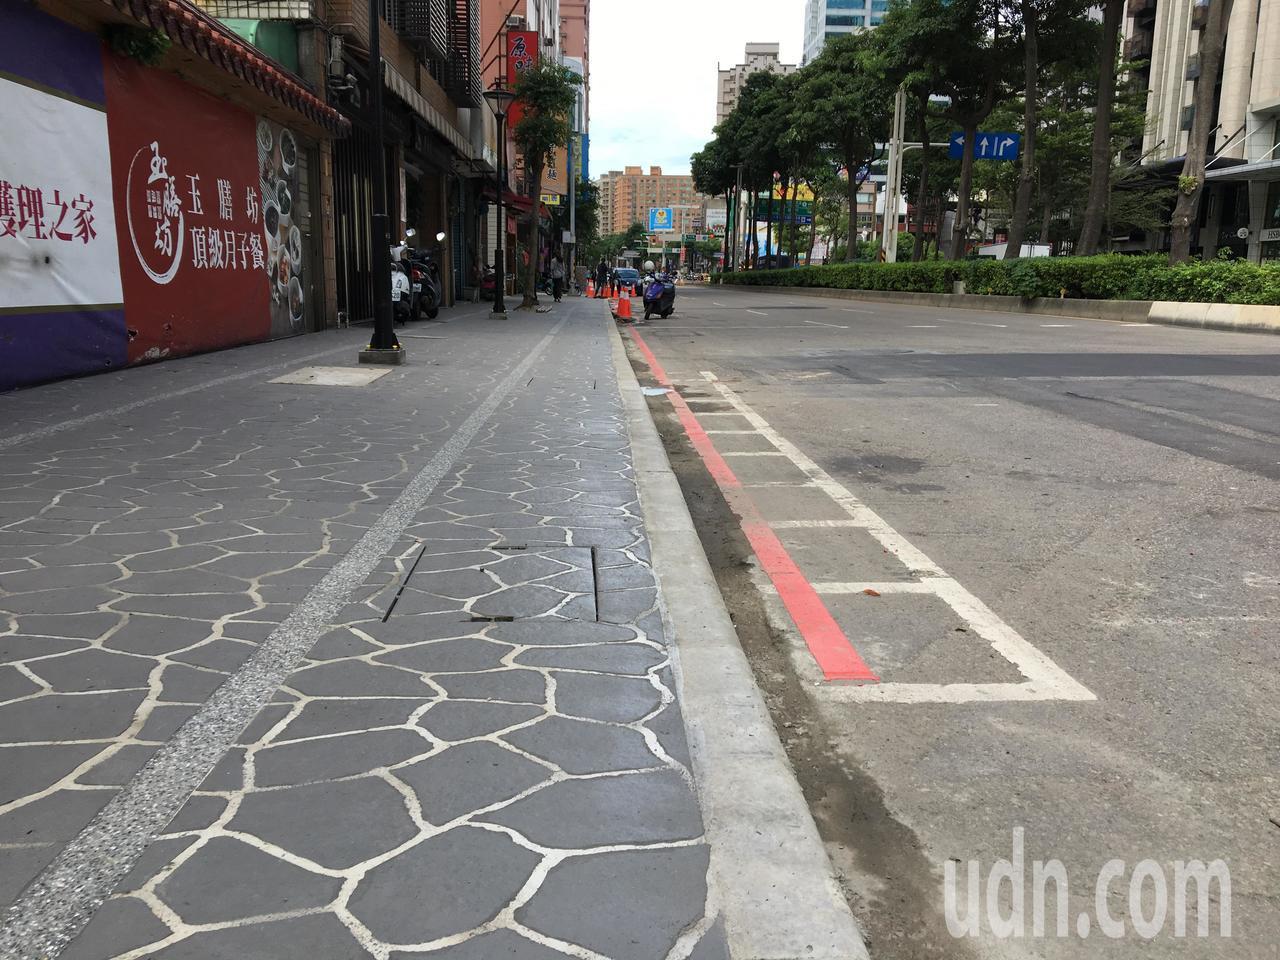 桃園區大興西路一段拓寬人行道,既有機車格被塗銷覆蓋,機車族無處可停。記者張裕珍/...